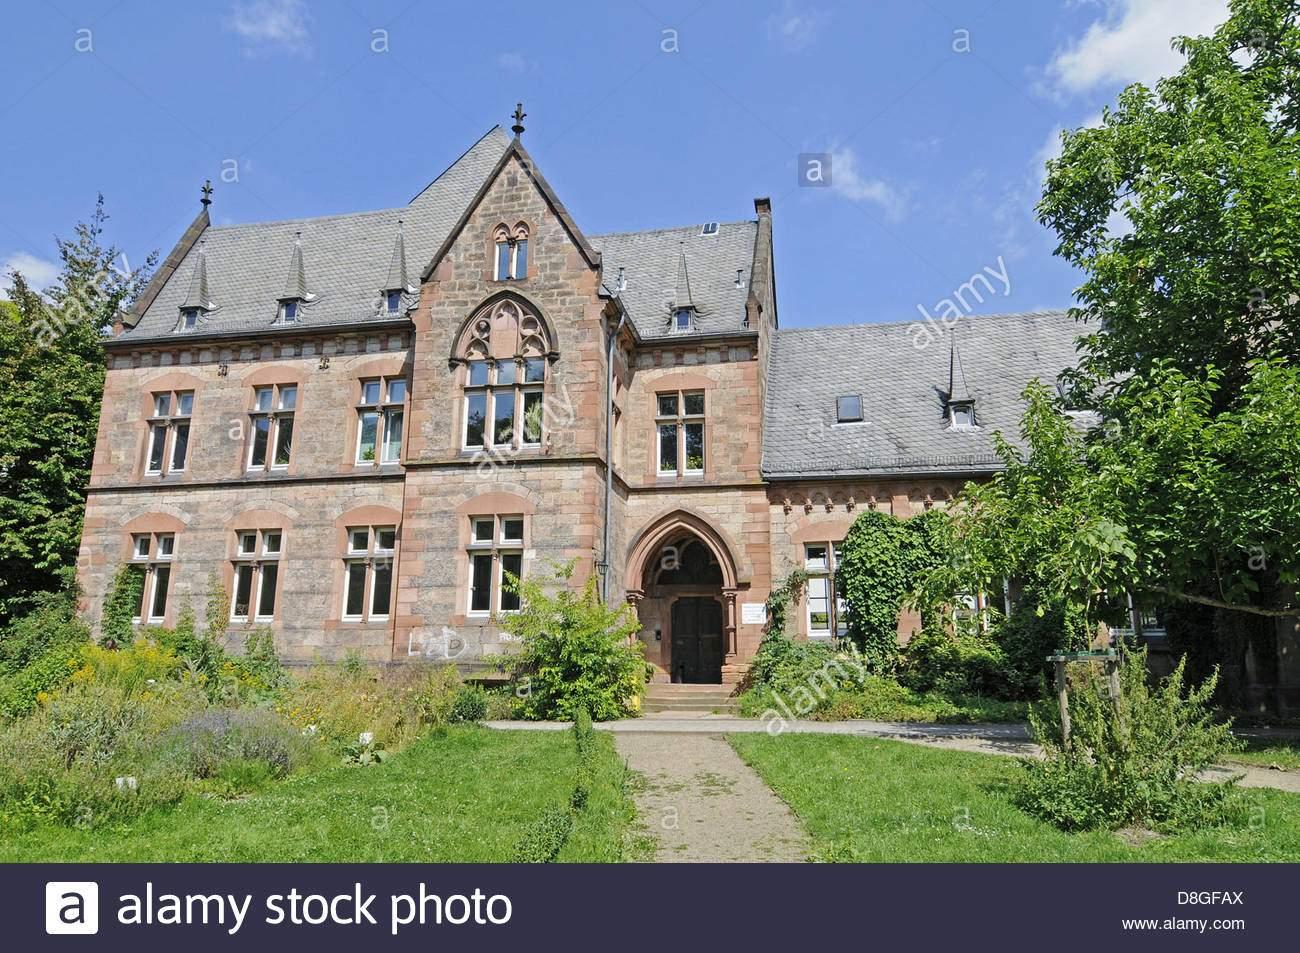 Botanischer Garten Marburg Neu Alter Botanischer Garten Stockfotos & Alter Botanischer